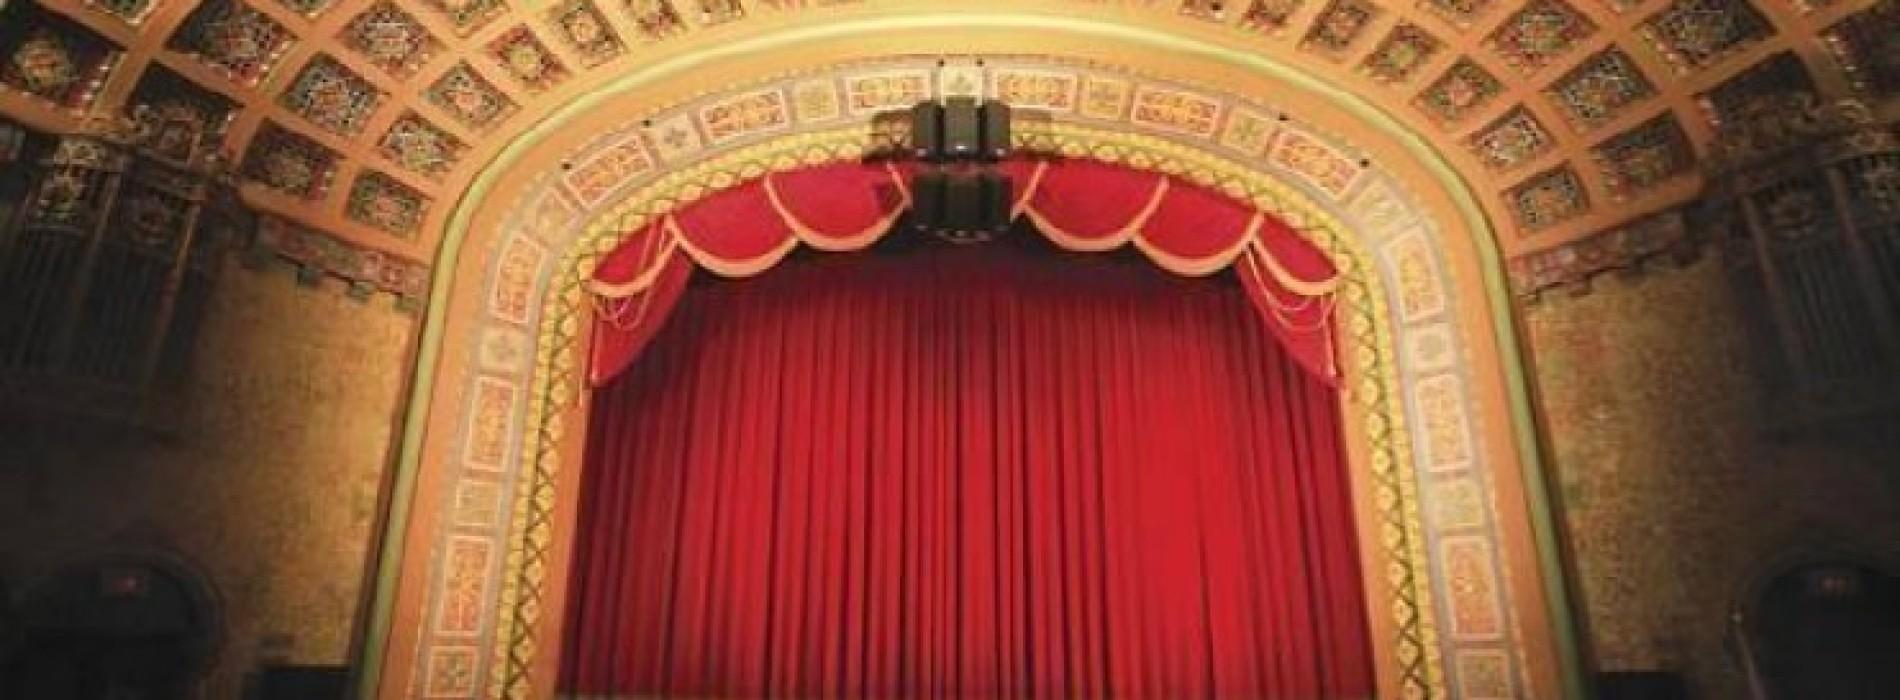 Sweet Taboo: theatre breaking down barriers